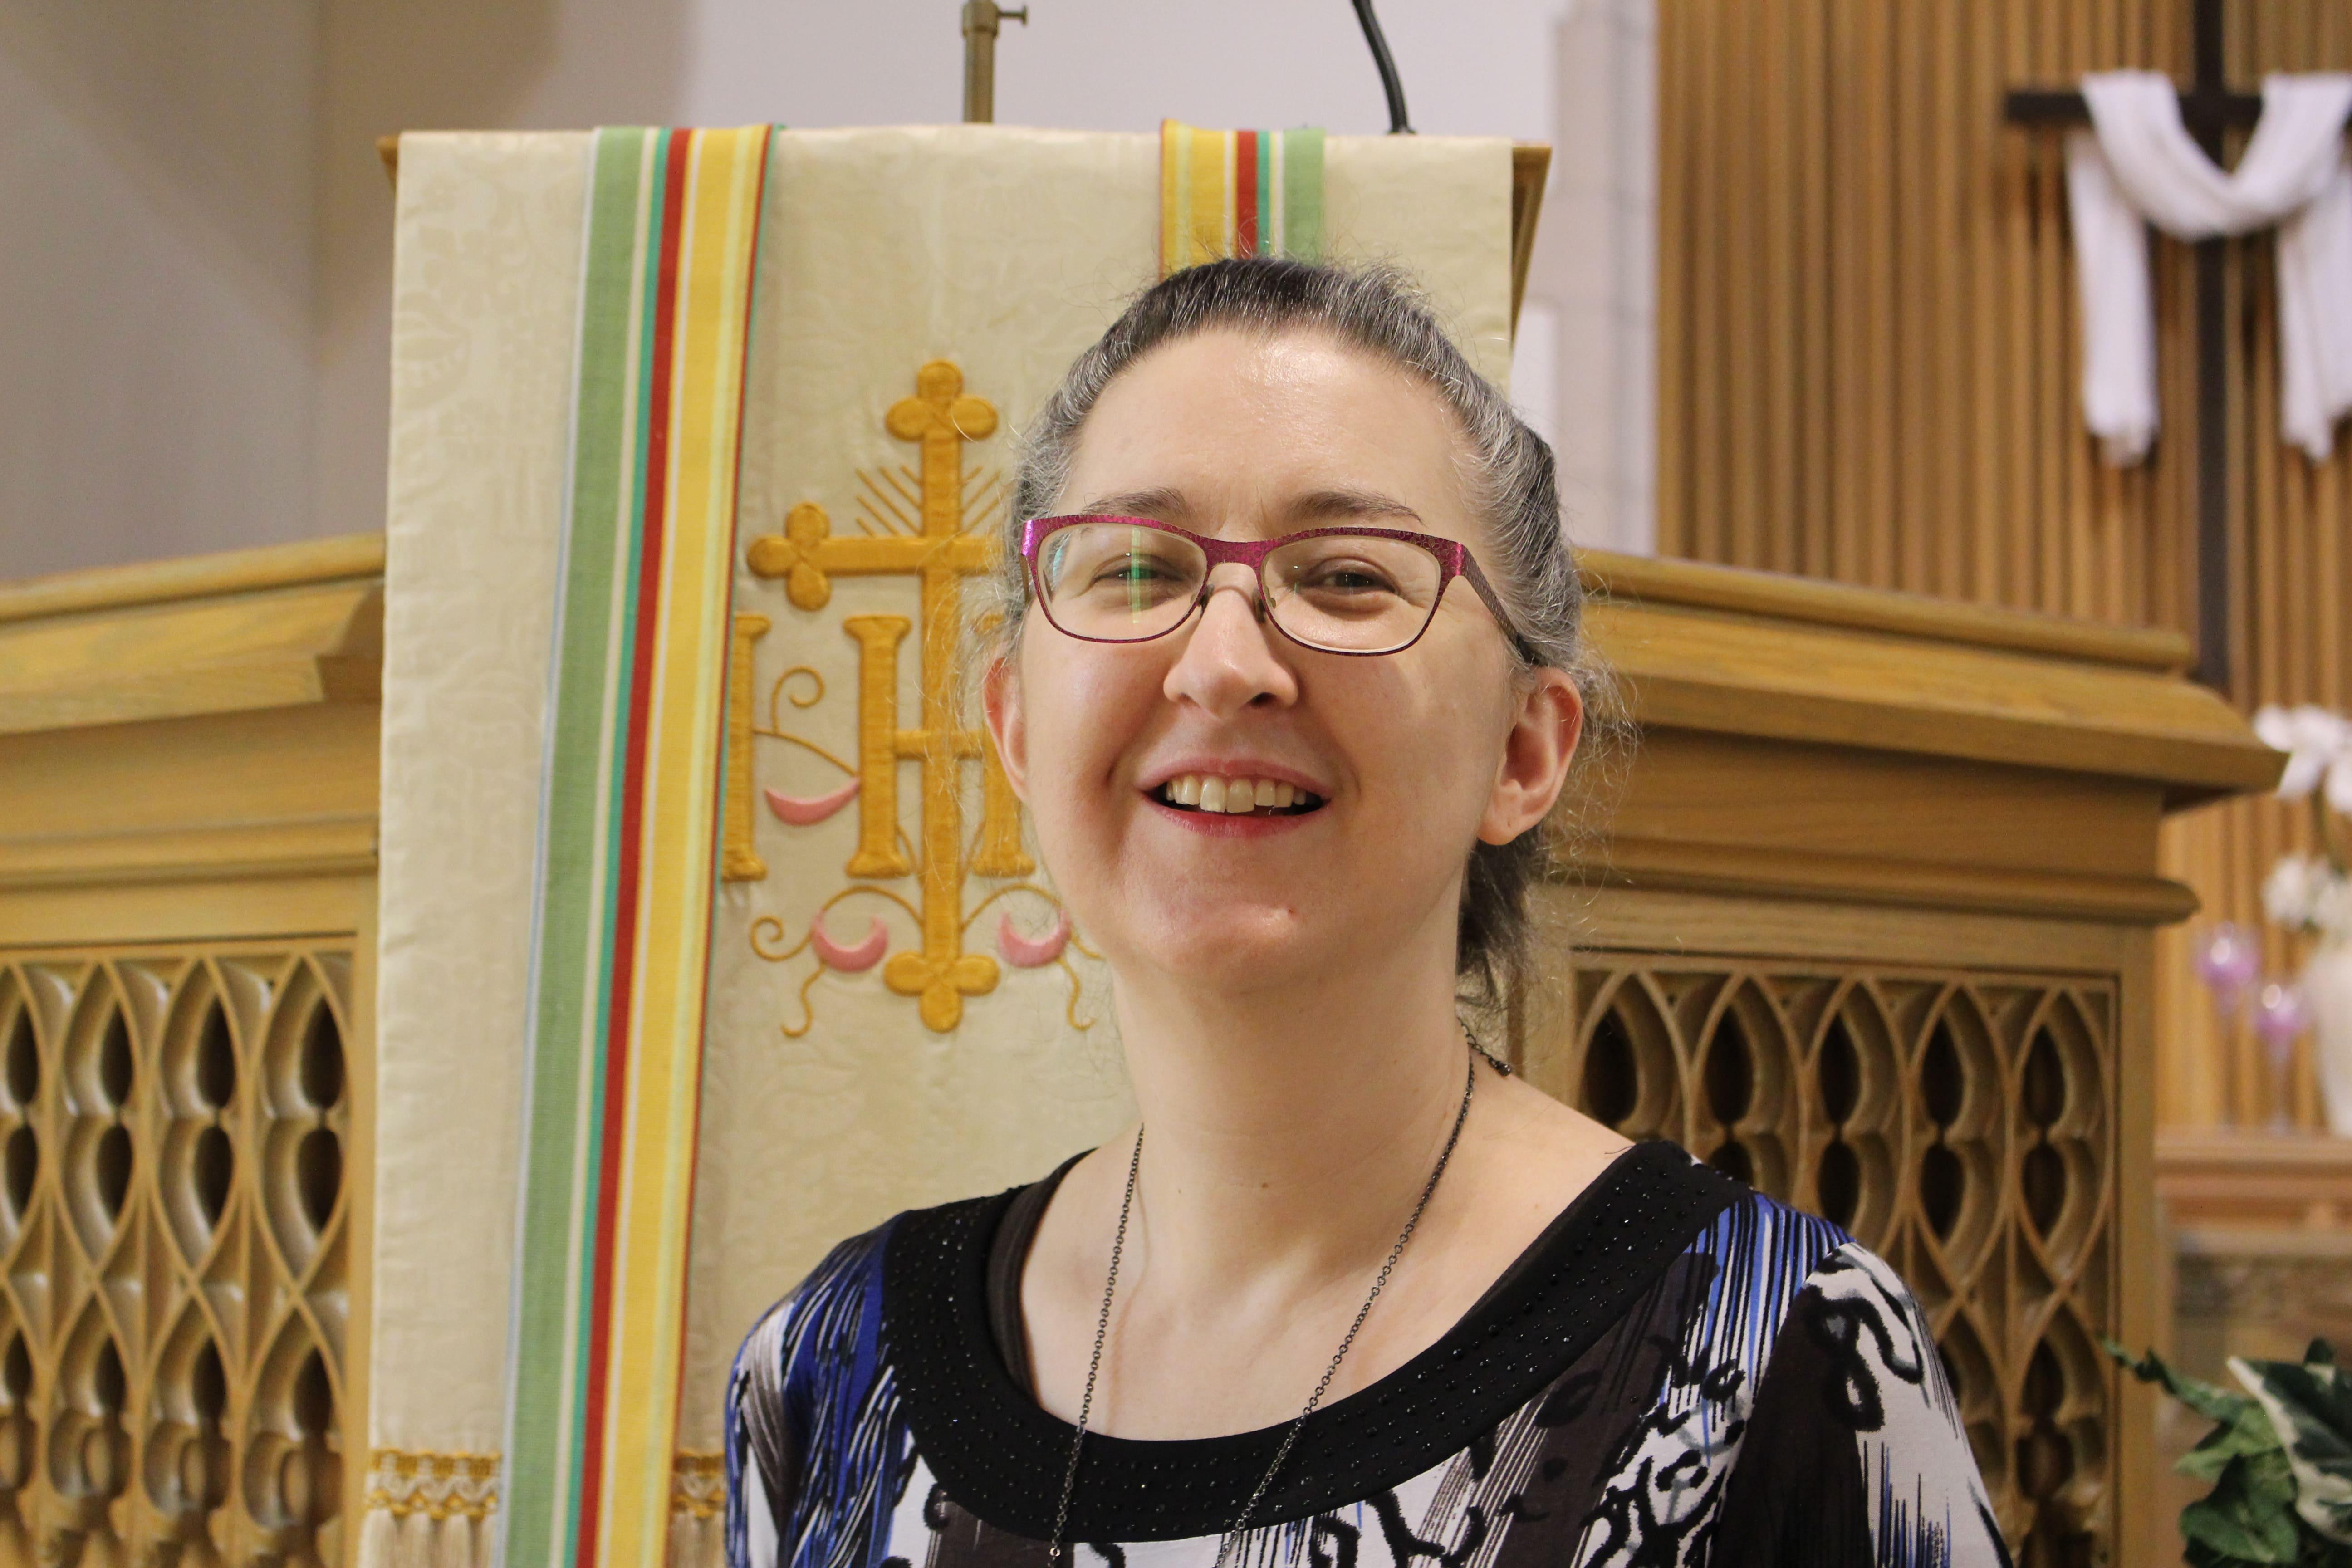 Shelley Faulkner